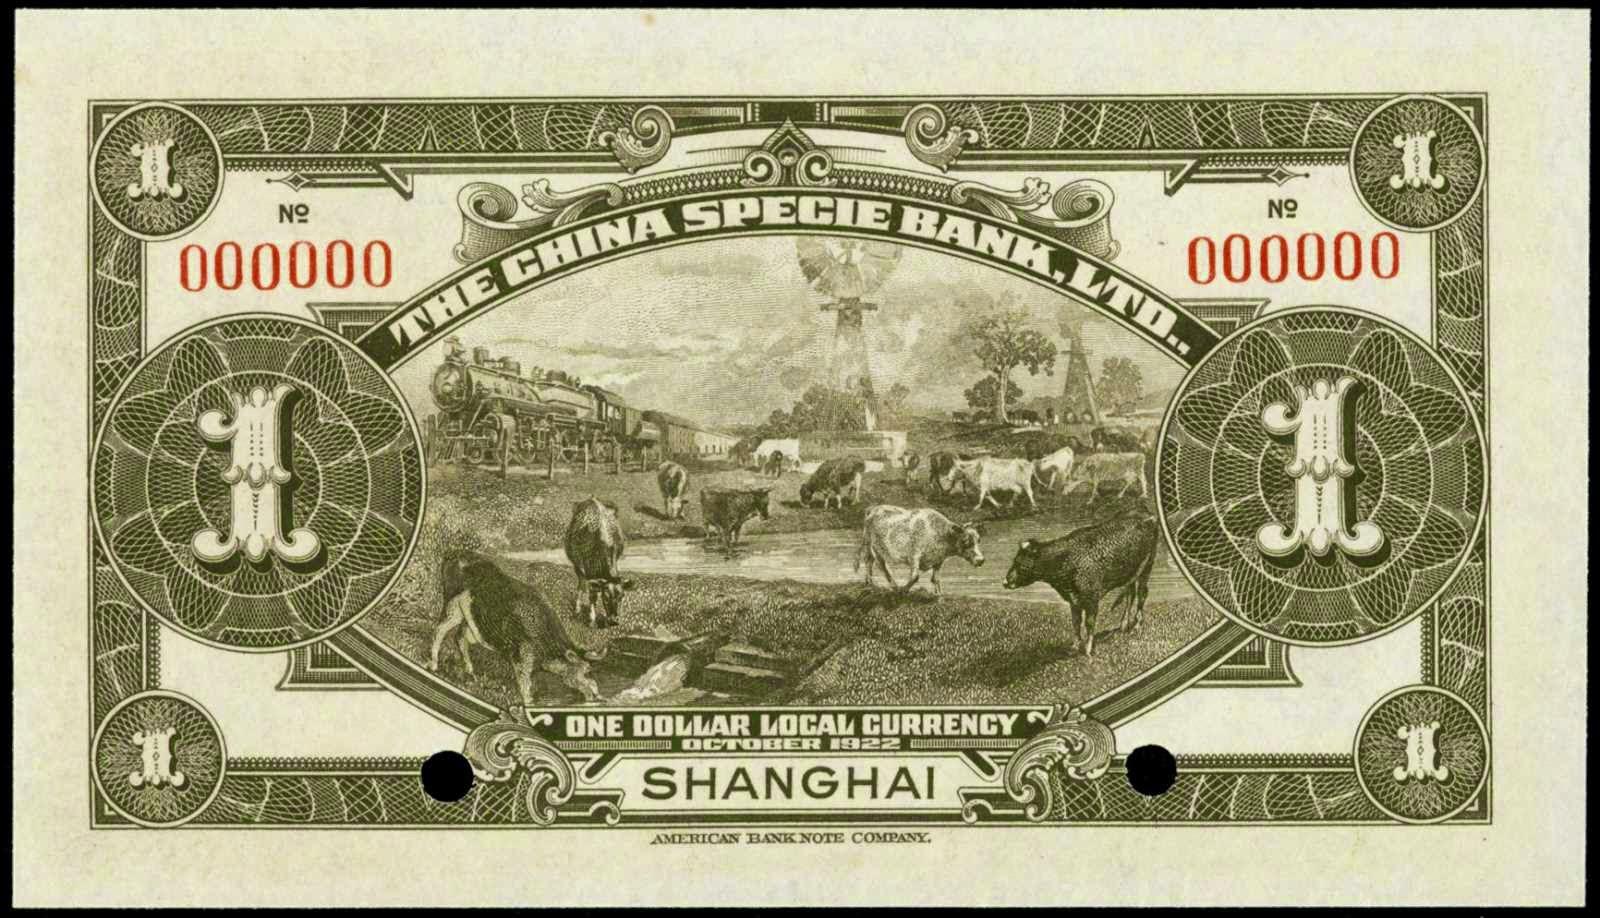 China Banknotes Dollar 1922 China Specie Bank